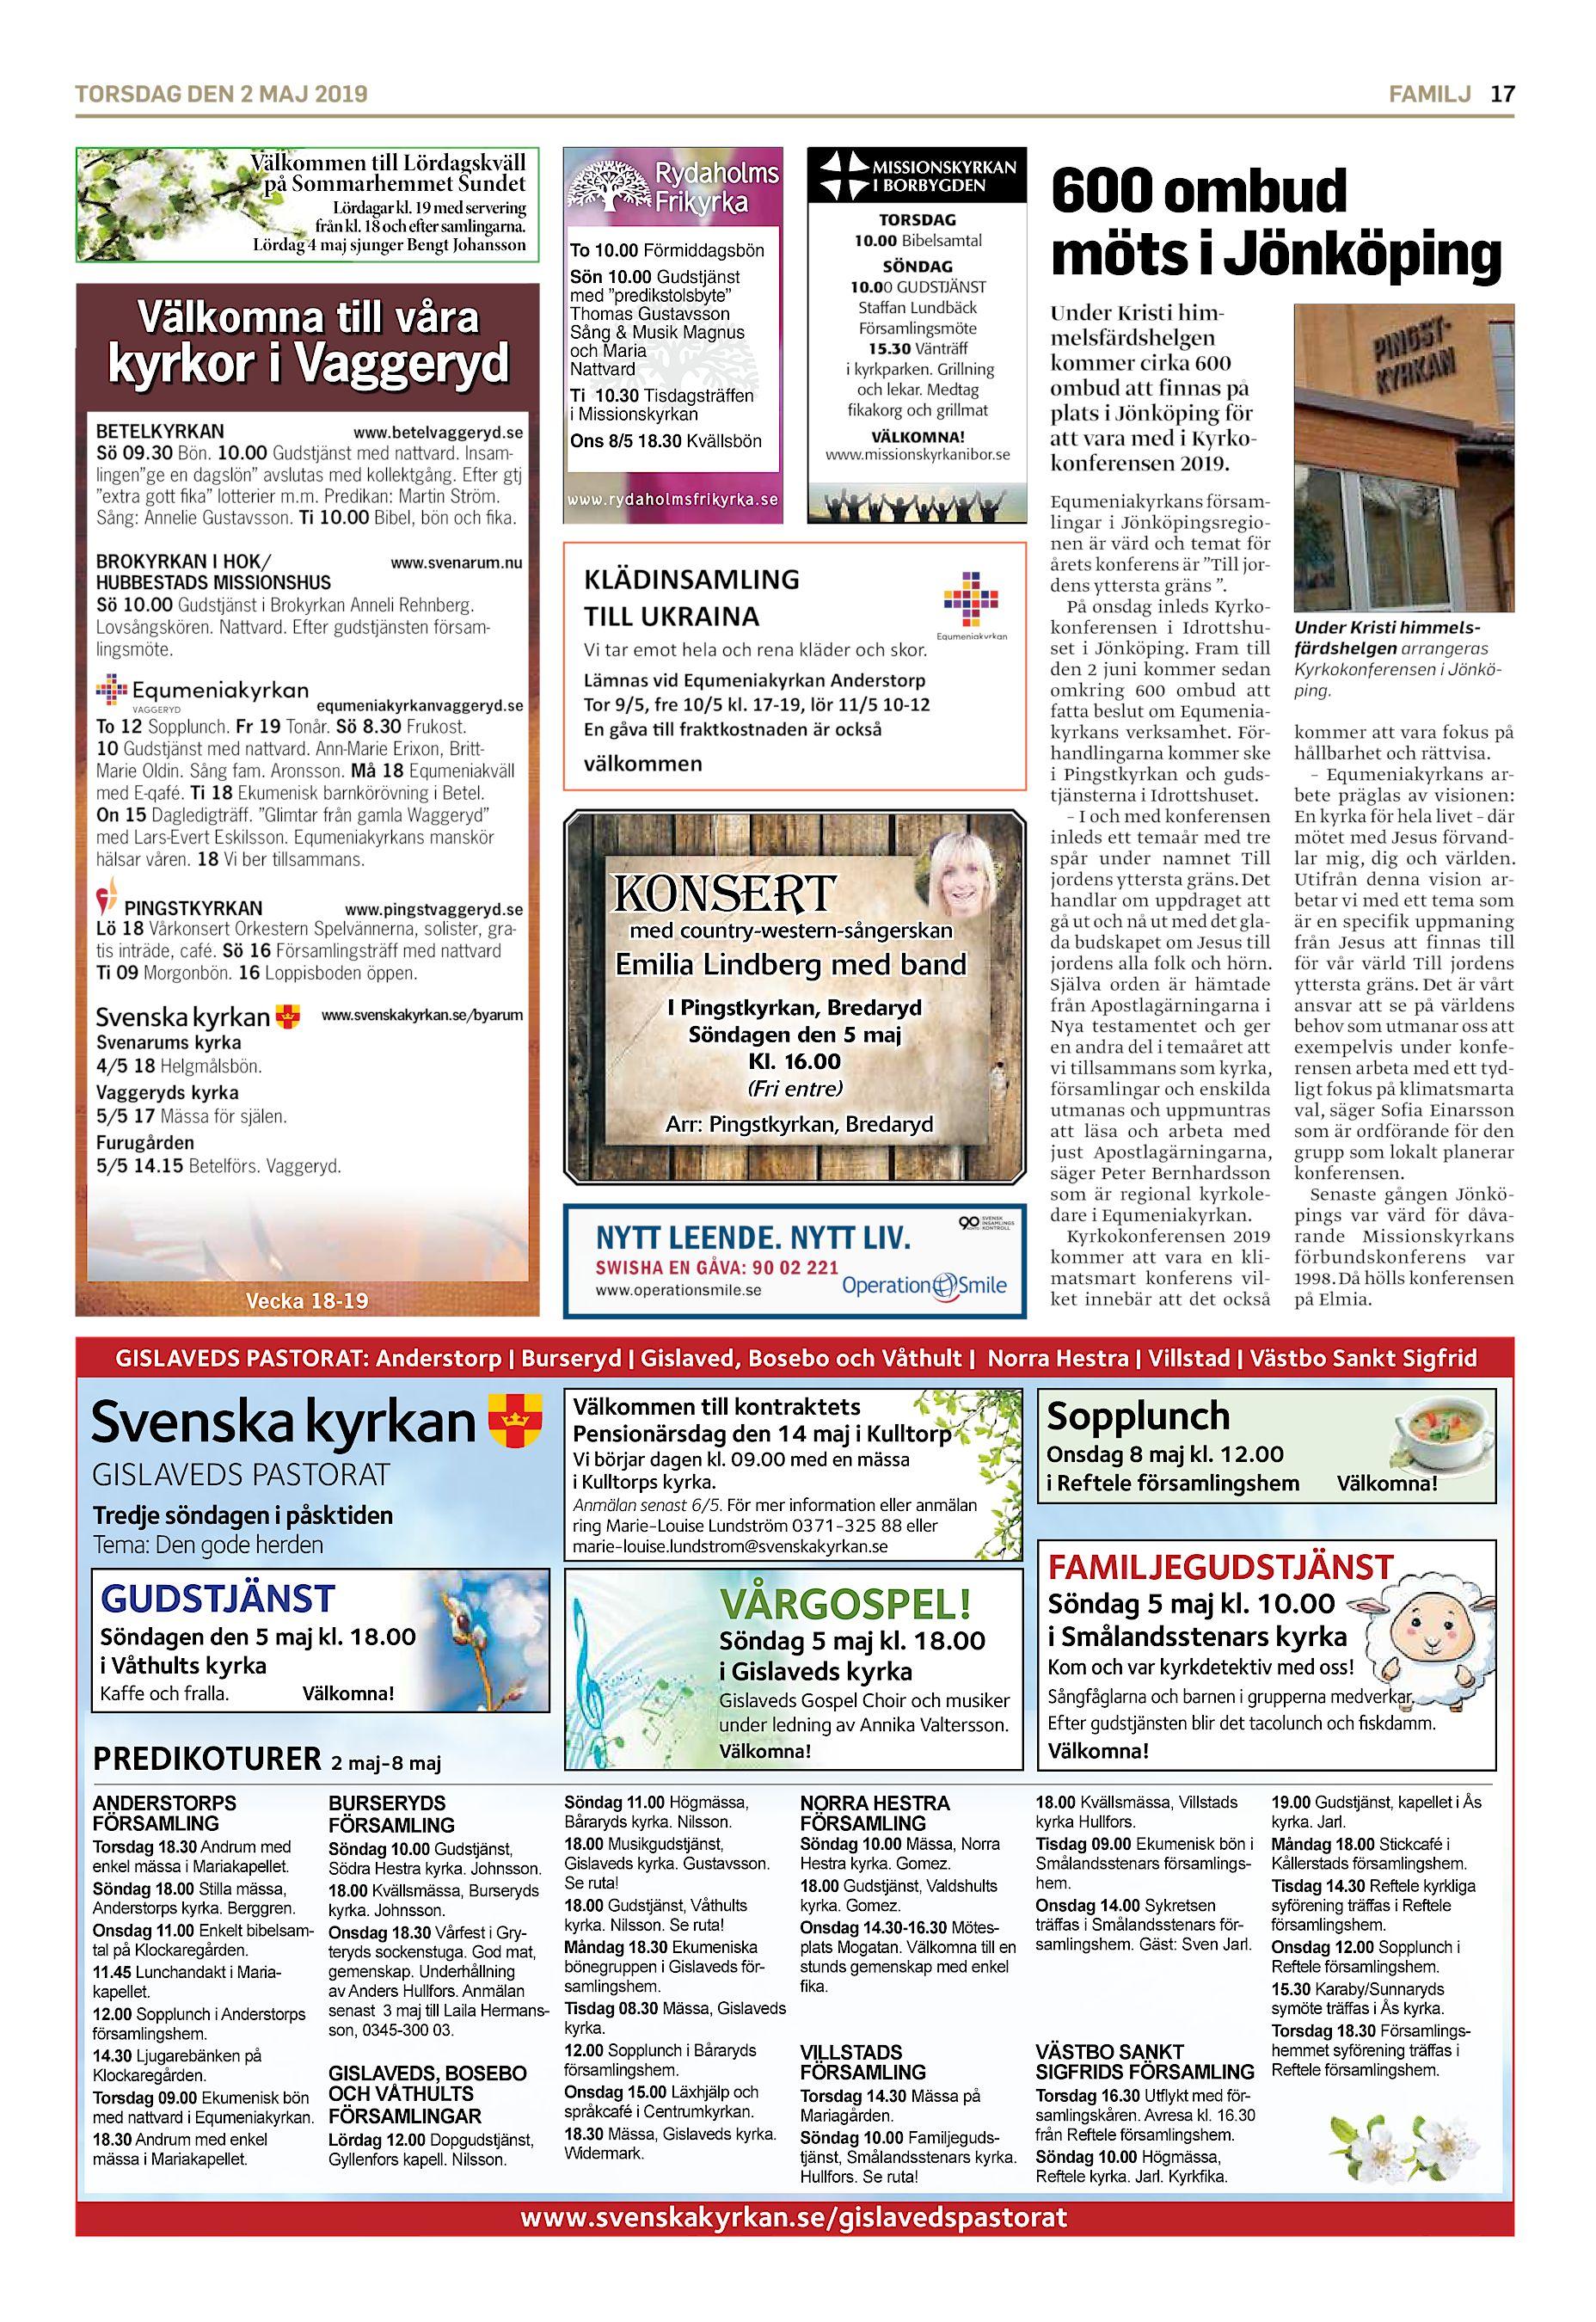 Jenny Forsgren, 44 r i Smlandsstenar p Krsbrsvgen 14